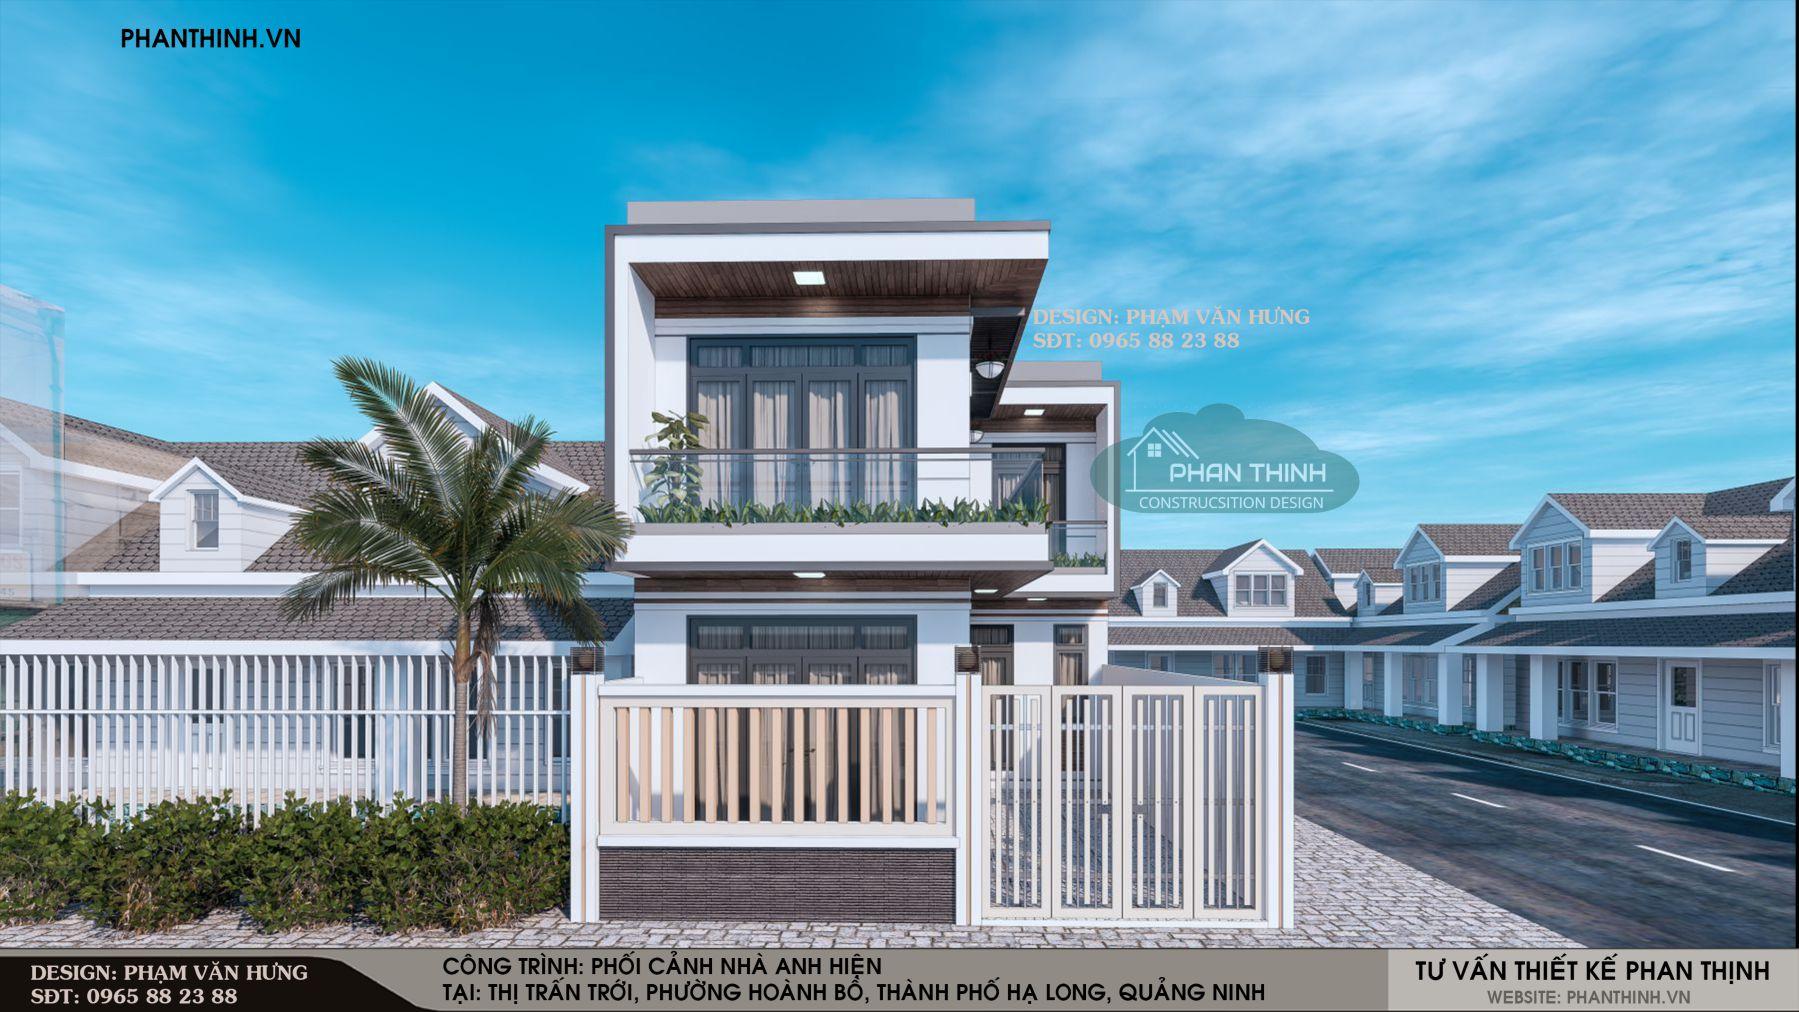 Thiết kế phối cảnh mặt tiền ngôi nhà 2 tầng phong cách hiện đại